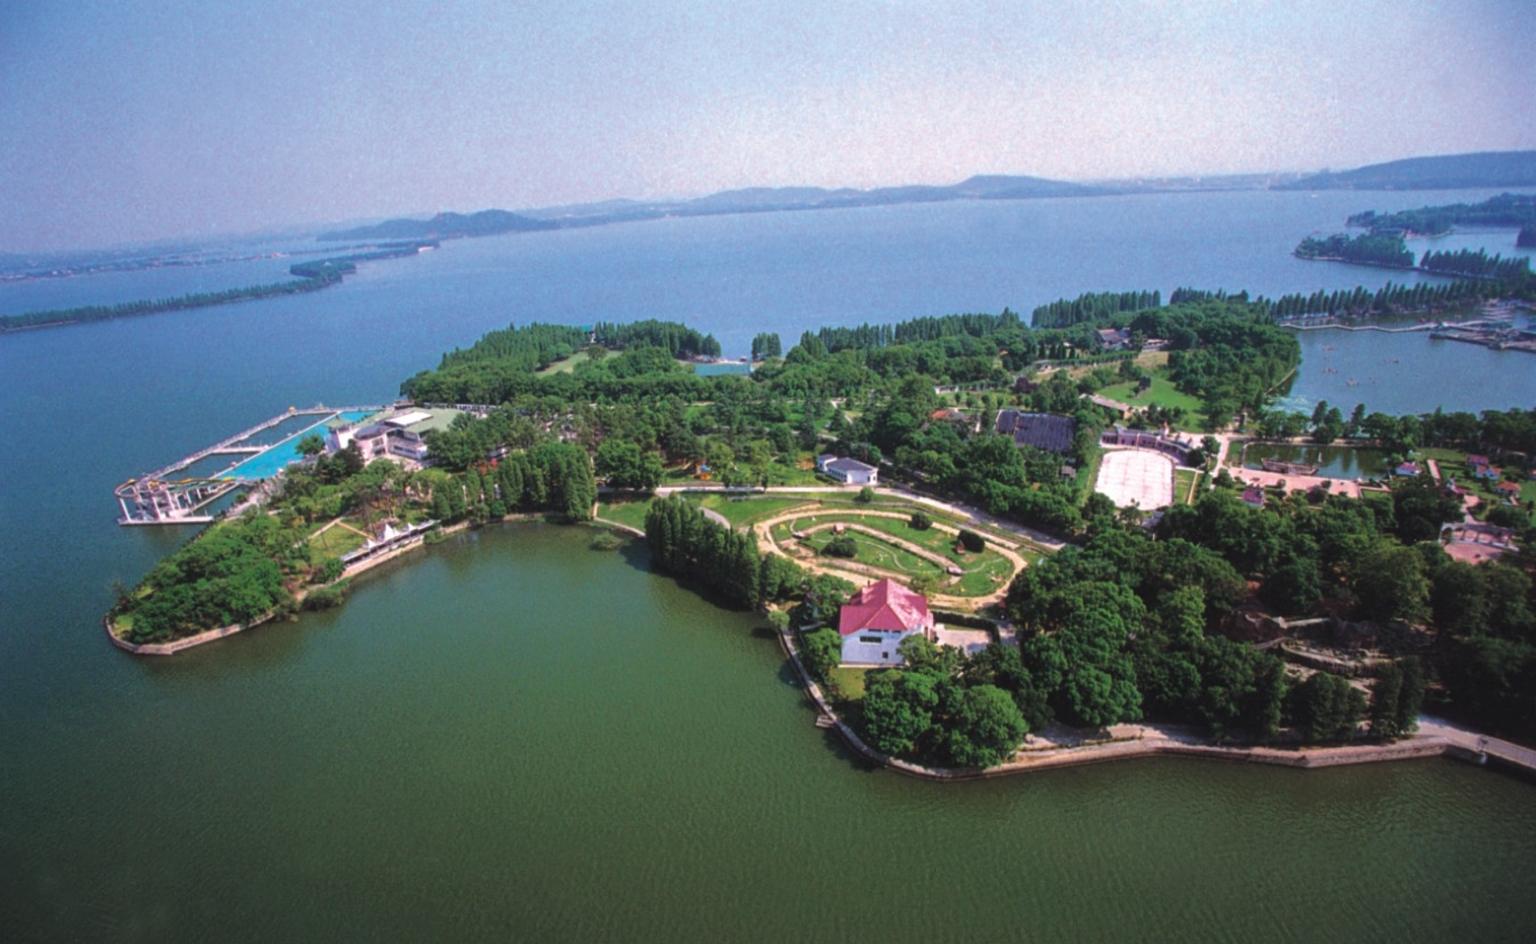 武汉东湖风景区旅游攻略 端午节旅游景点推荐 低音号语音导游